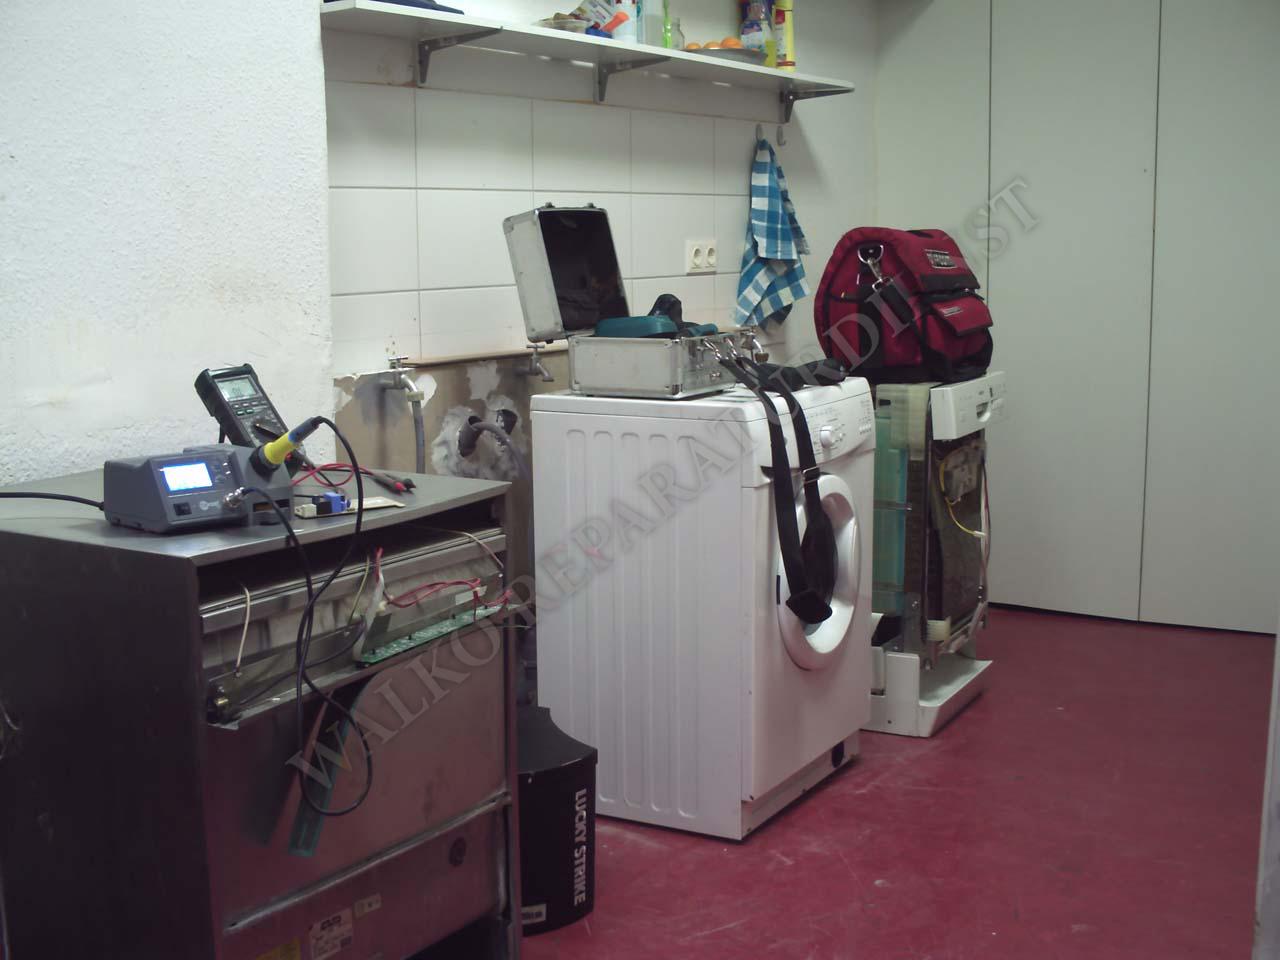 waschmaschinen reparatur vor ort unsere werkstatt. Black Bedroom Furniture Sets. Home Design Ideas